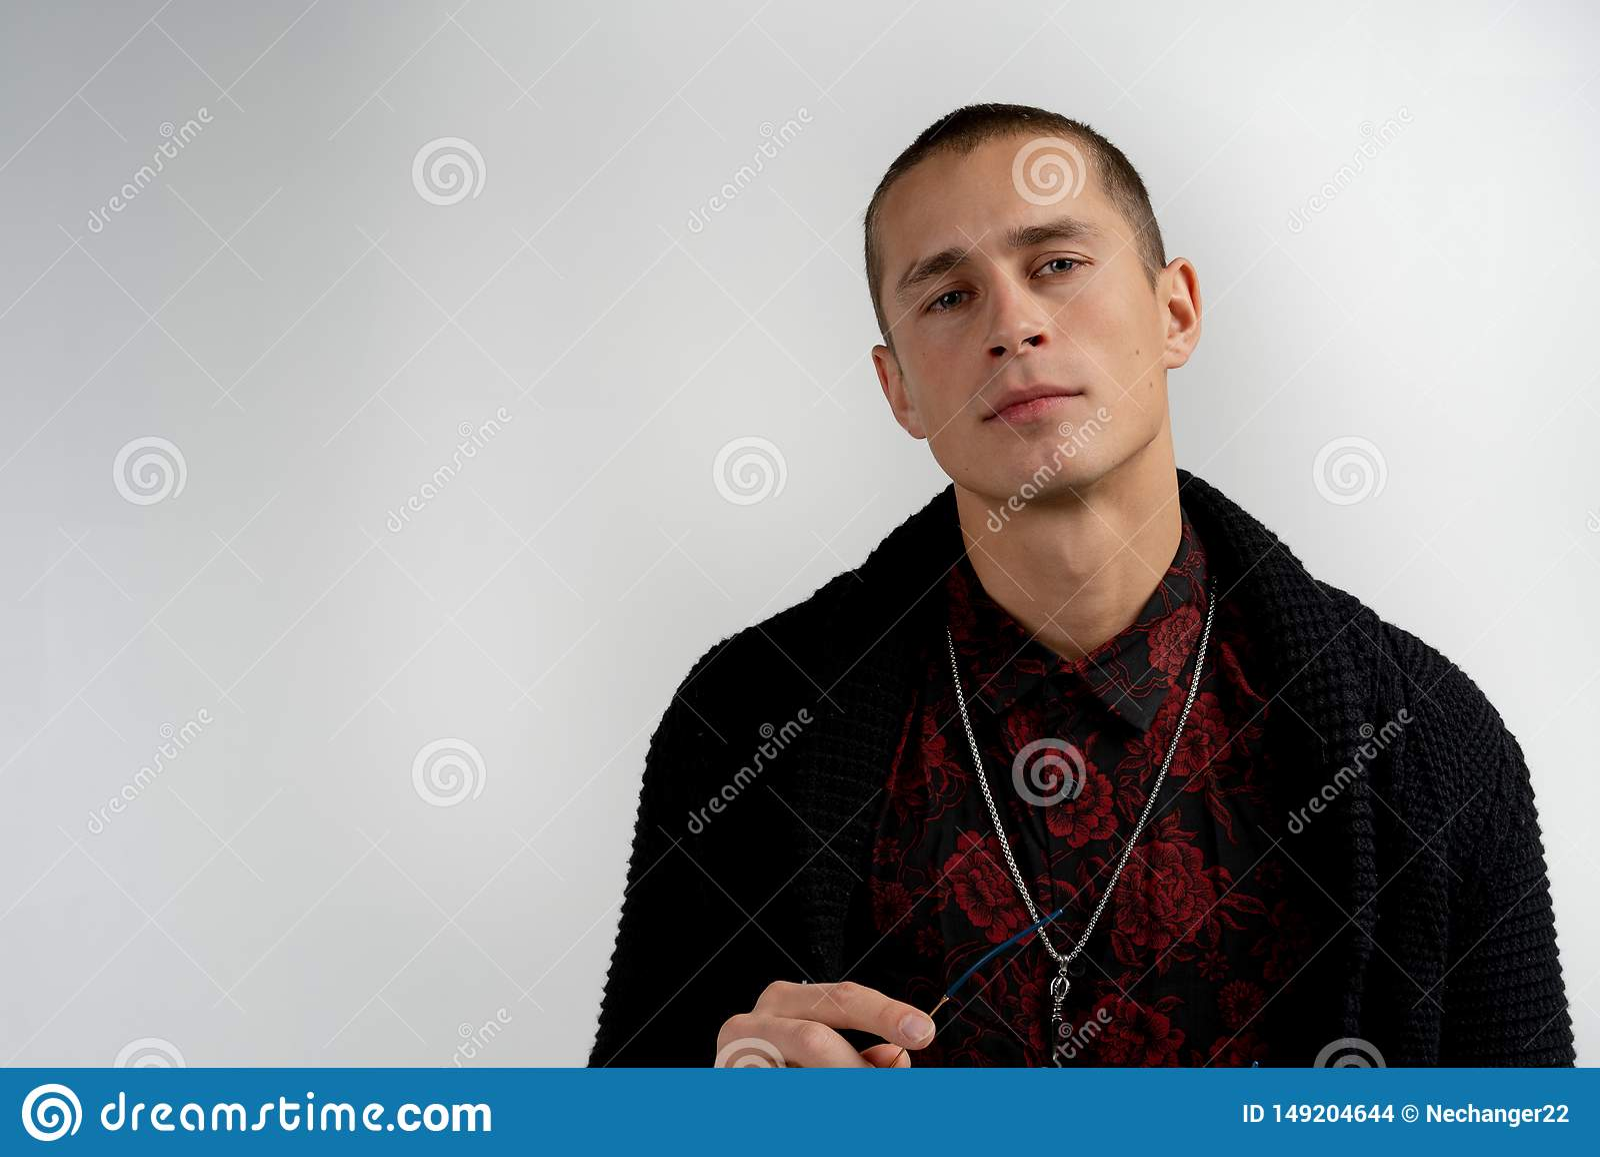 Κλείστε επάνω το πορτρέτο του όμορφου σοβαρού ατόμου της σύγχρονης εμφάνισης με το σύντομο κούρεμα στο μαύρο πουλόβερ που απομονώ